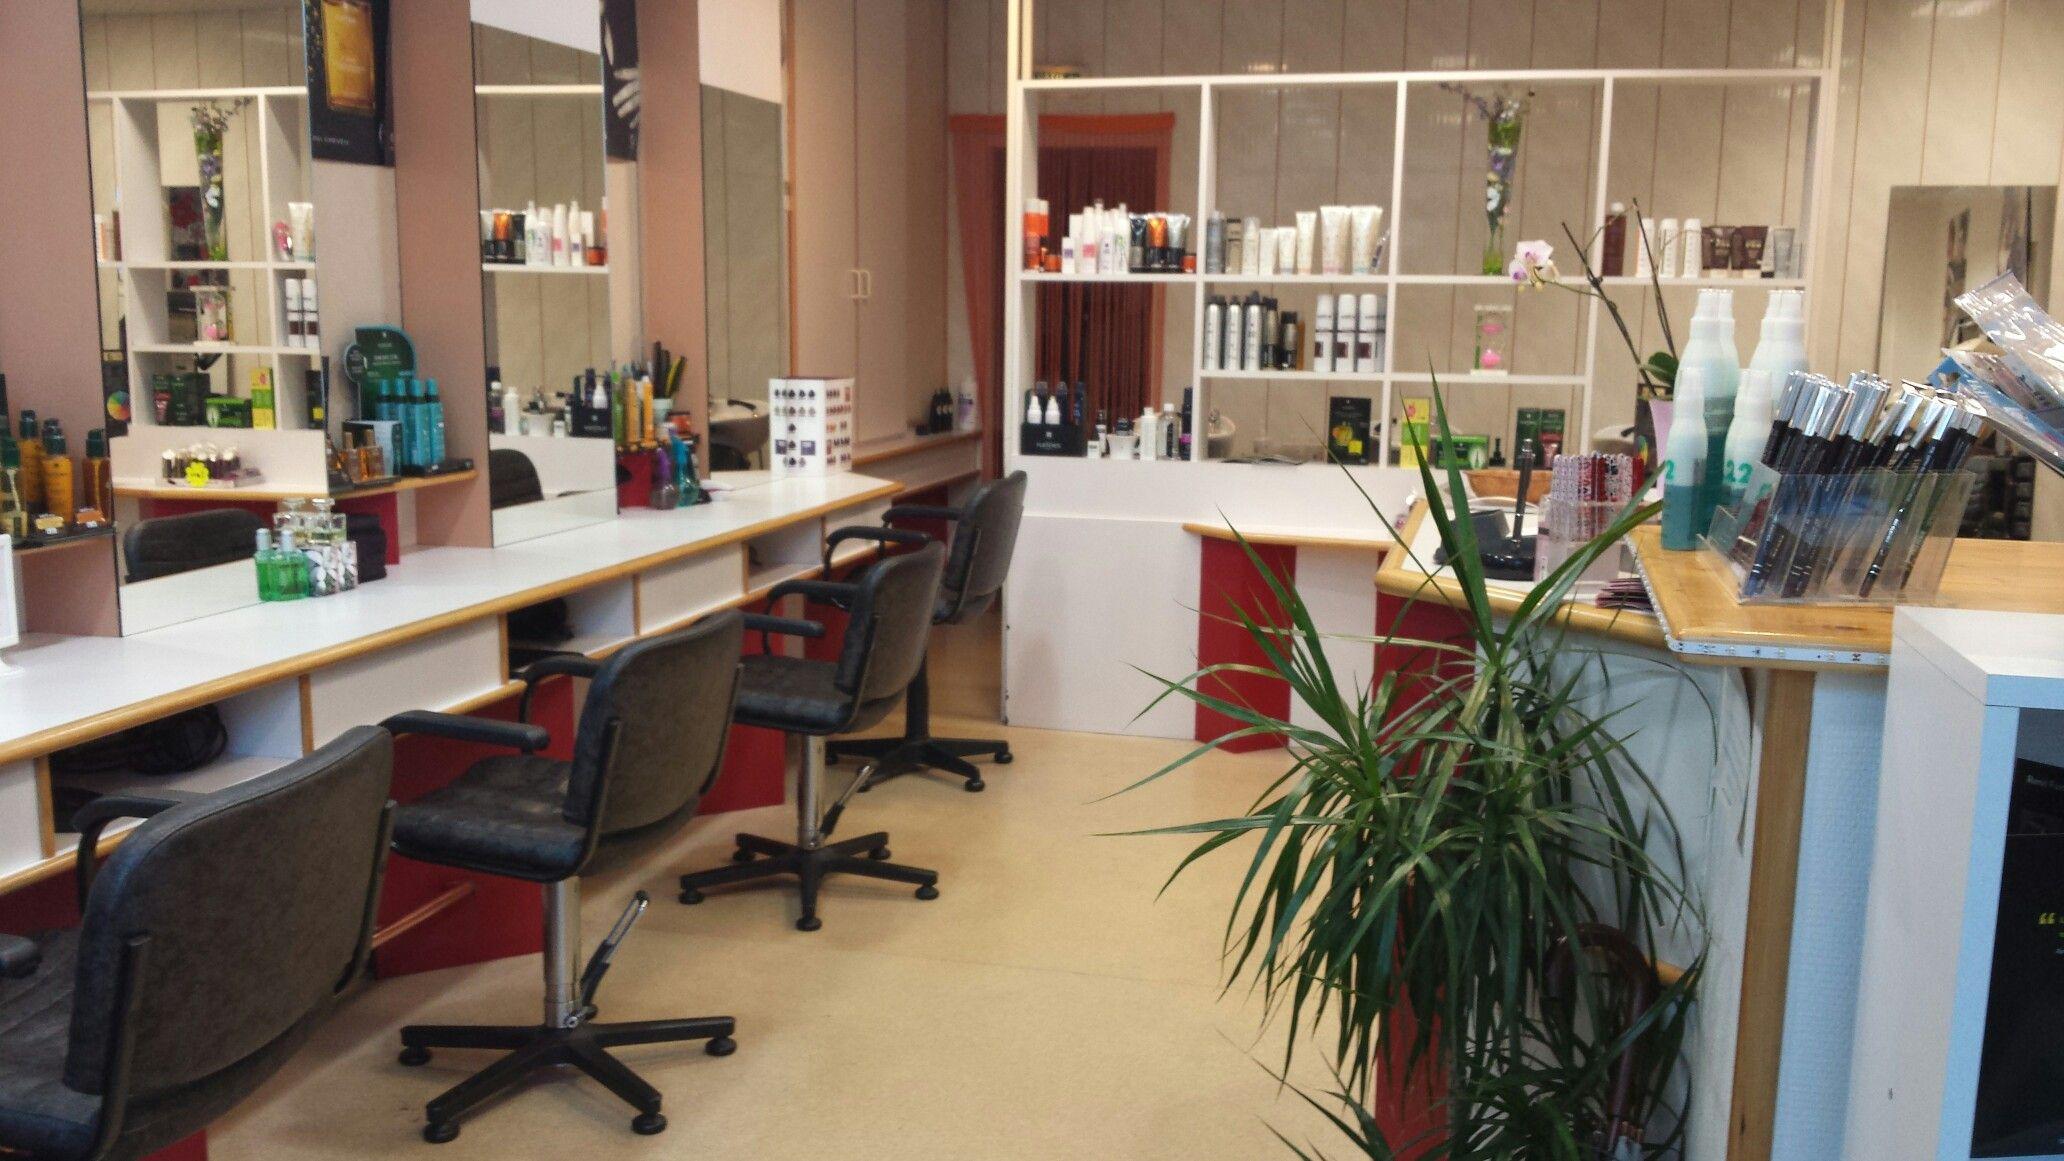 Epingle Par City Coiffure Sur Salon City Coiffure Brest Salon